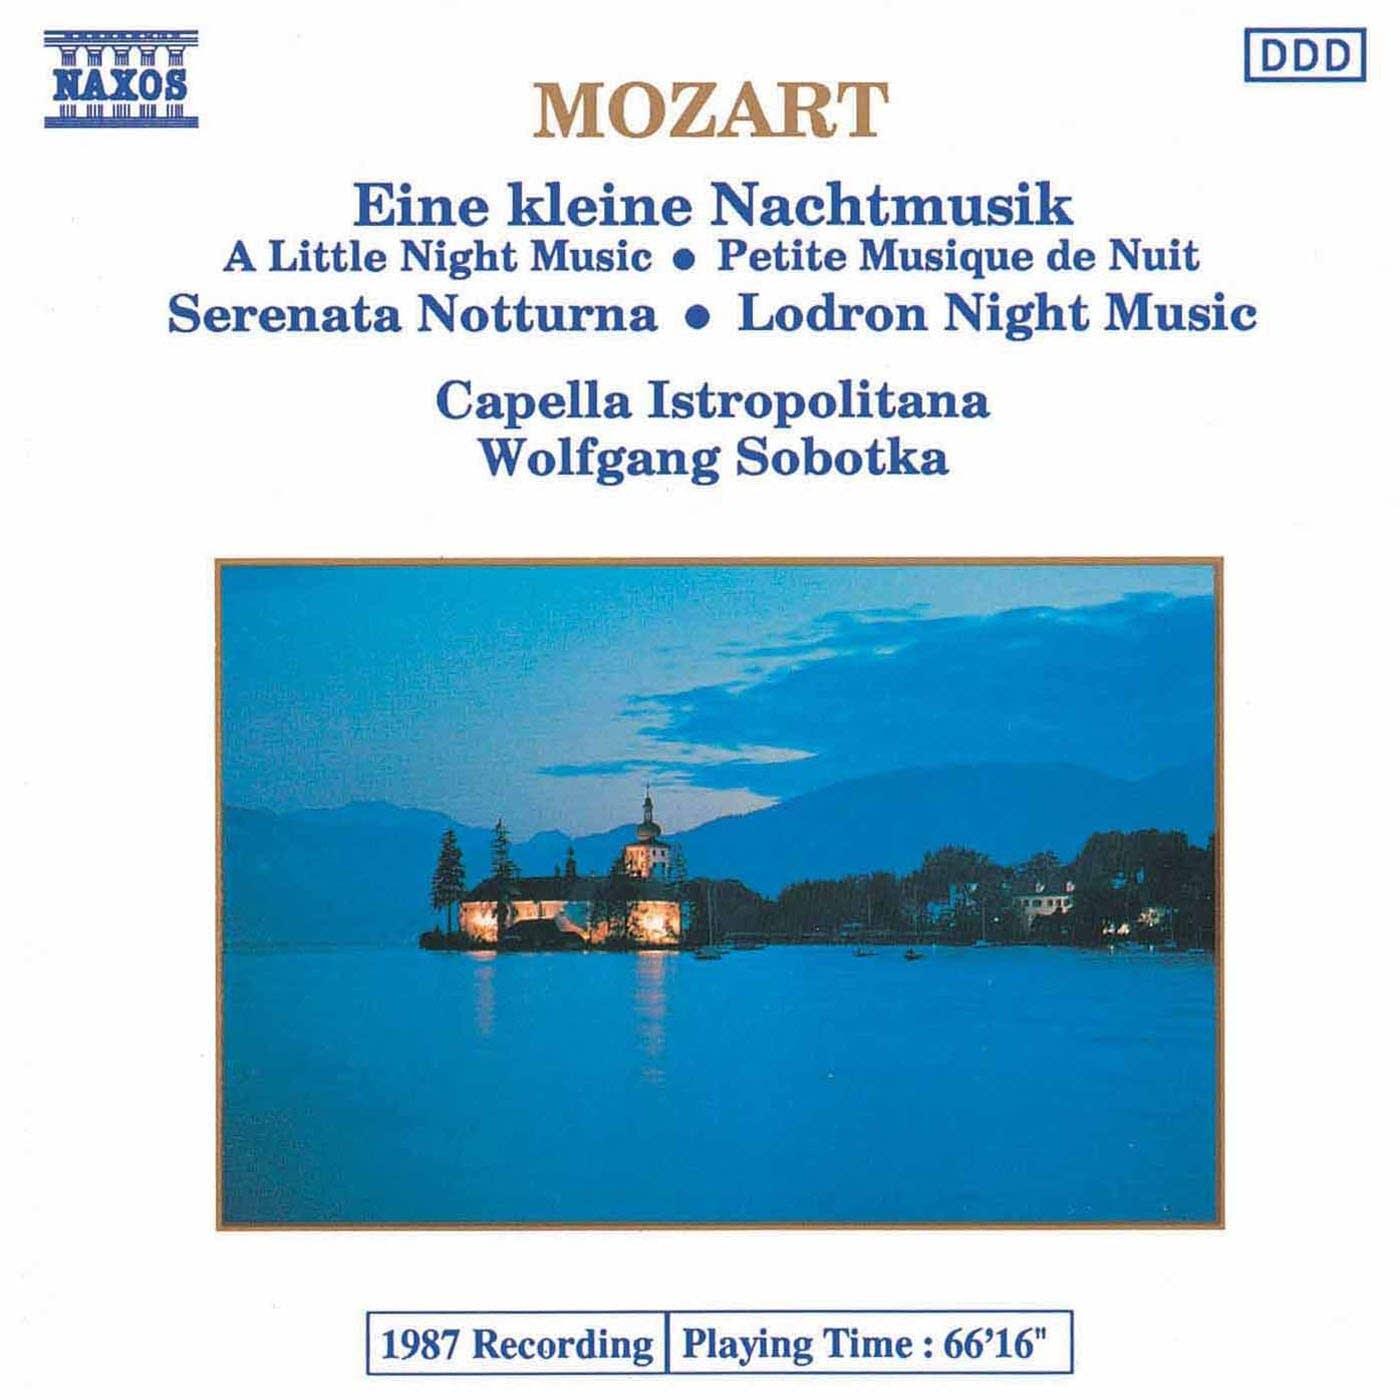 Daily Download: Wolfgang Amadeus Mozart - Eine kleine Nachtmusik